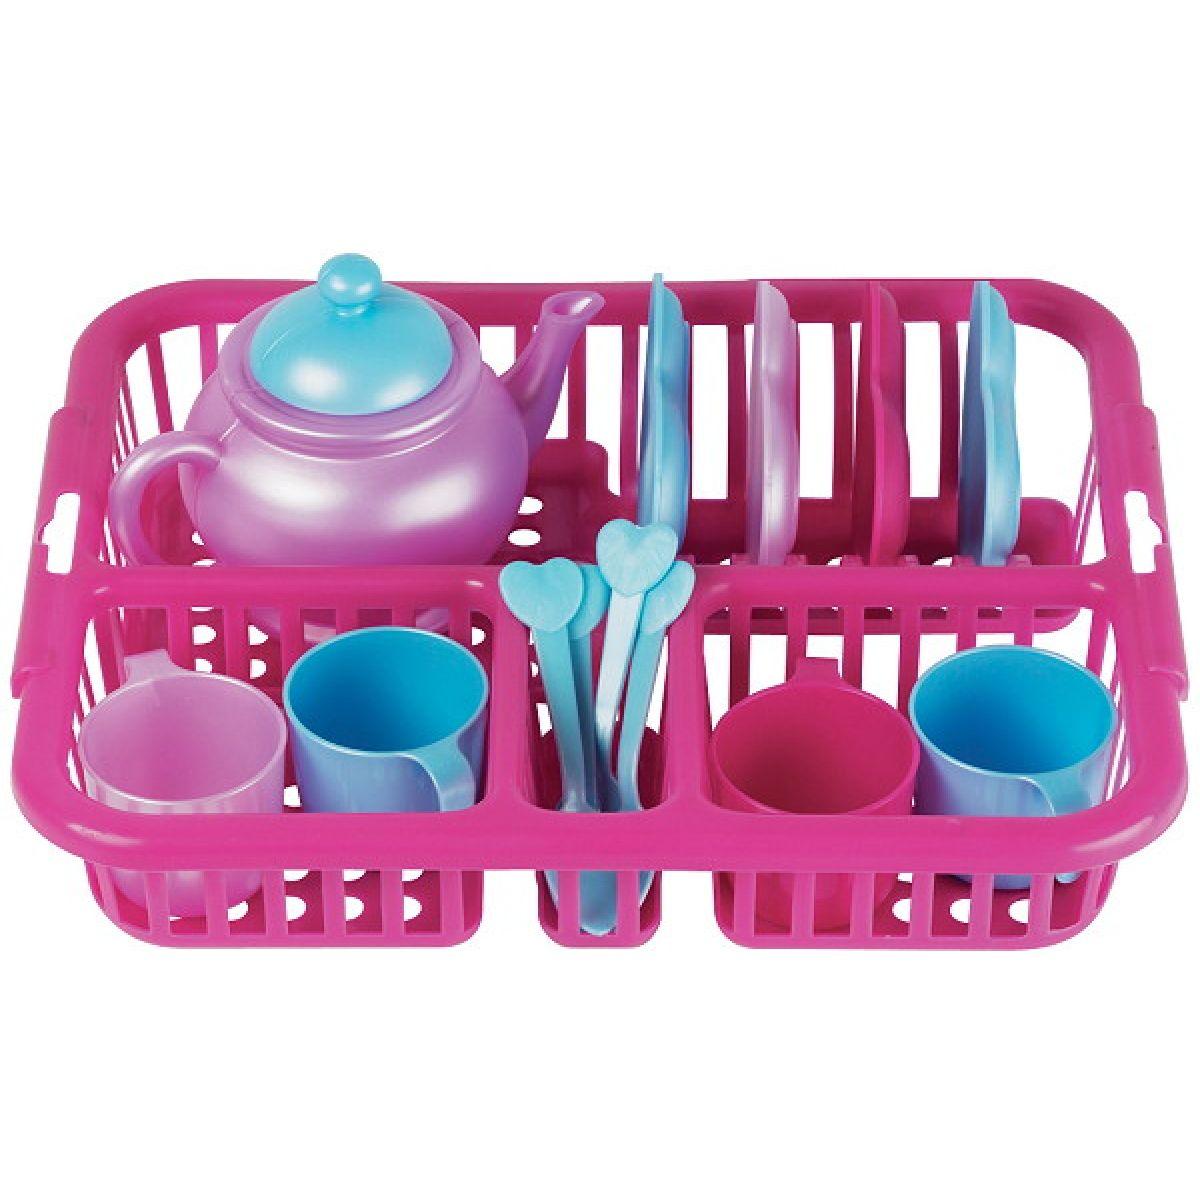 Odkapávač s nádobím a konvičkou